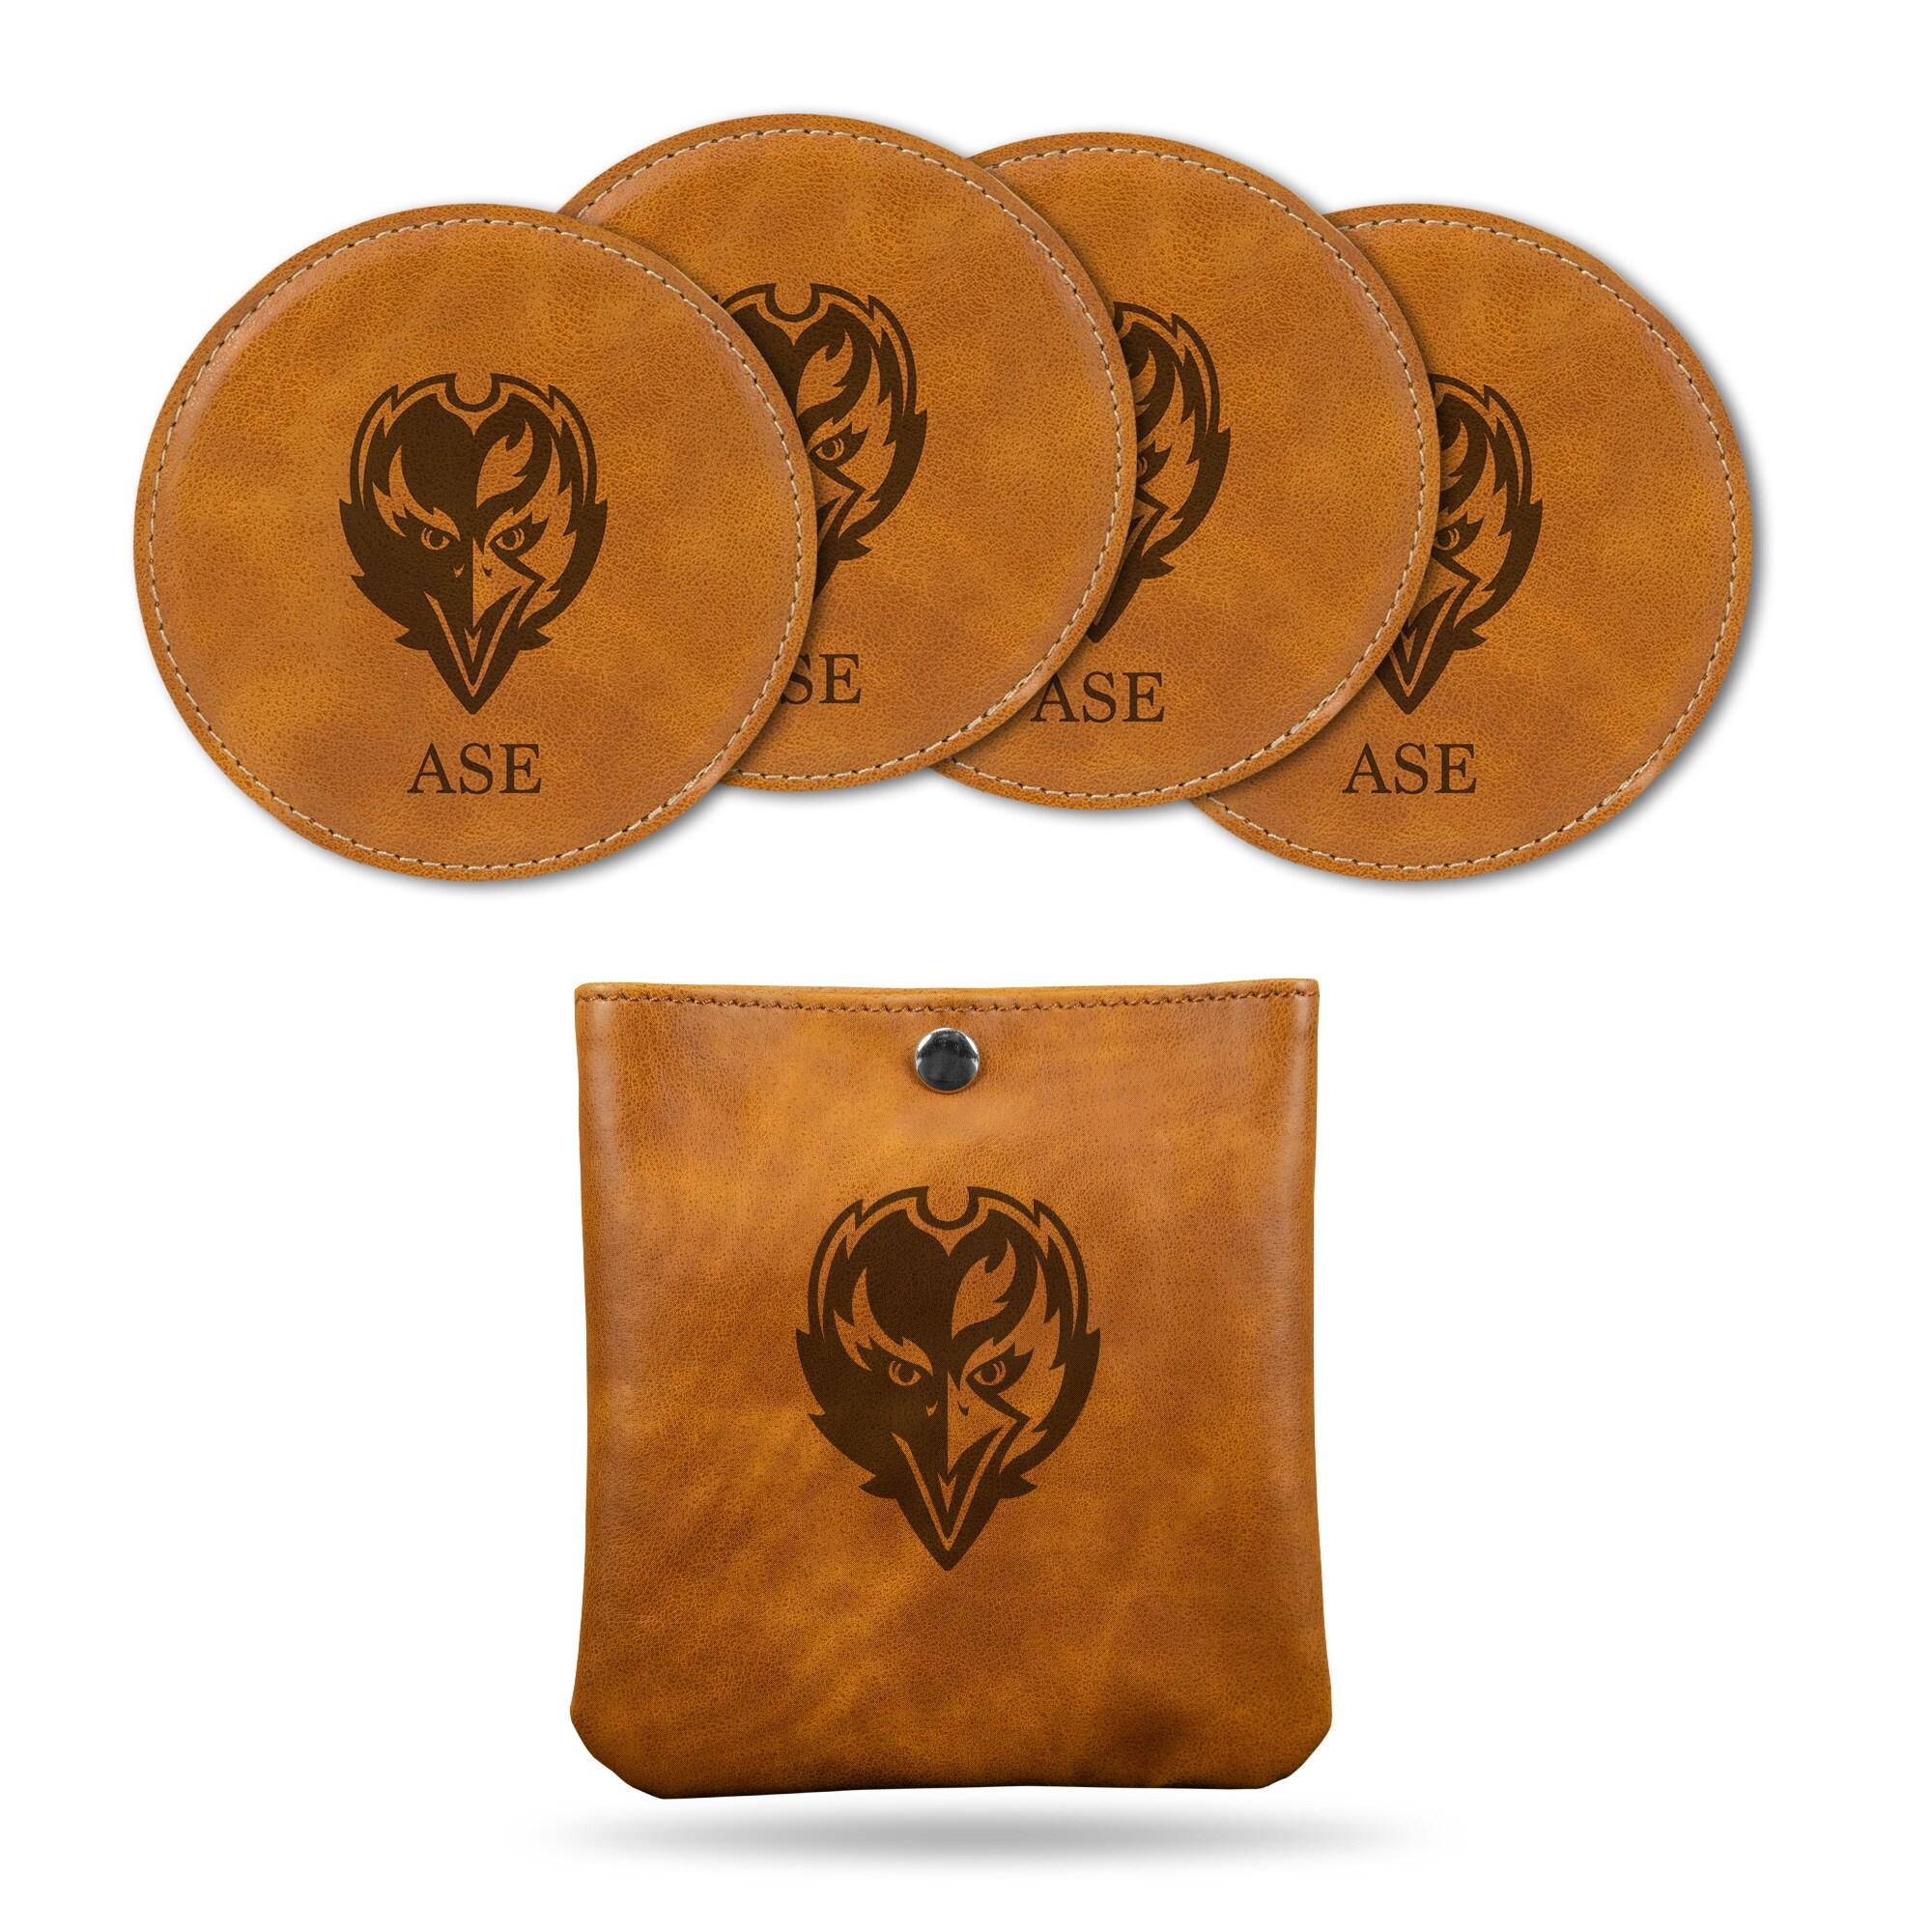 Baltimore Ravens Sparo 4-Pack Personalized Coaster Set - Brown